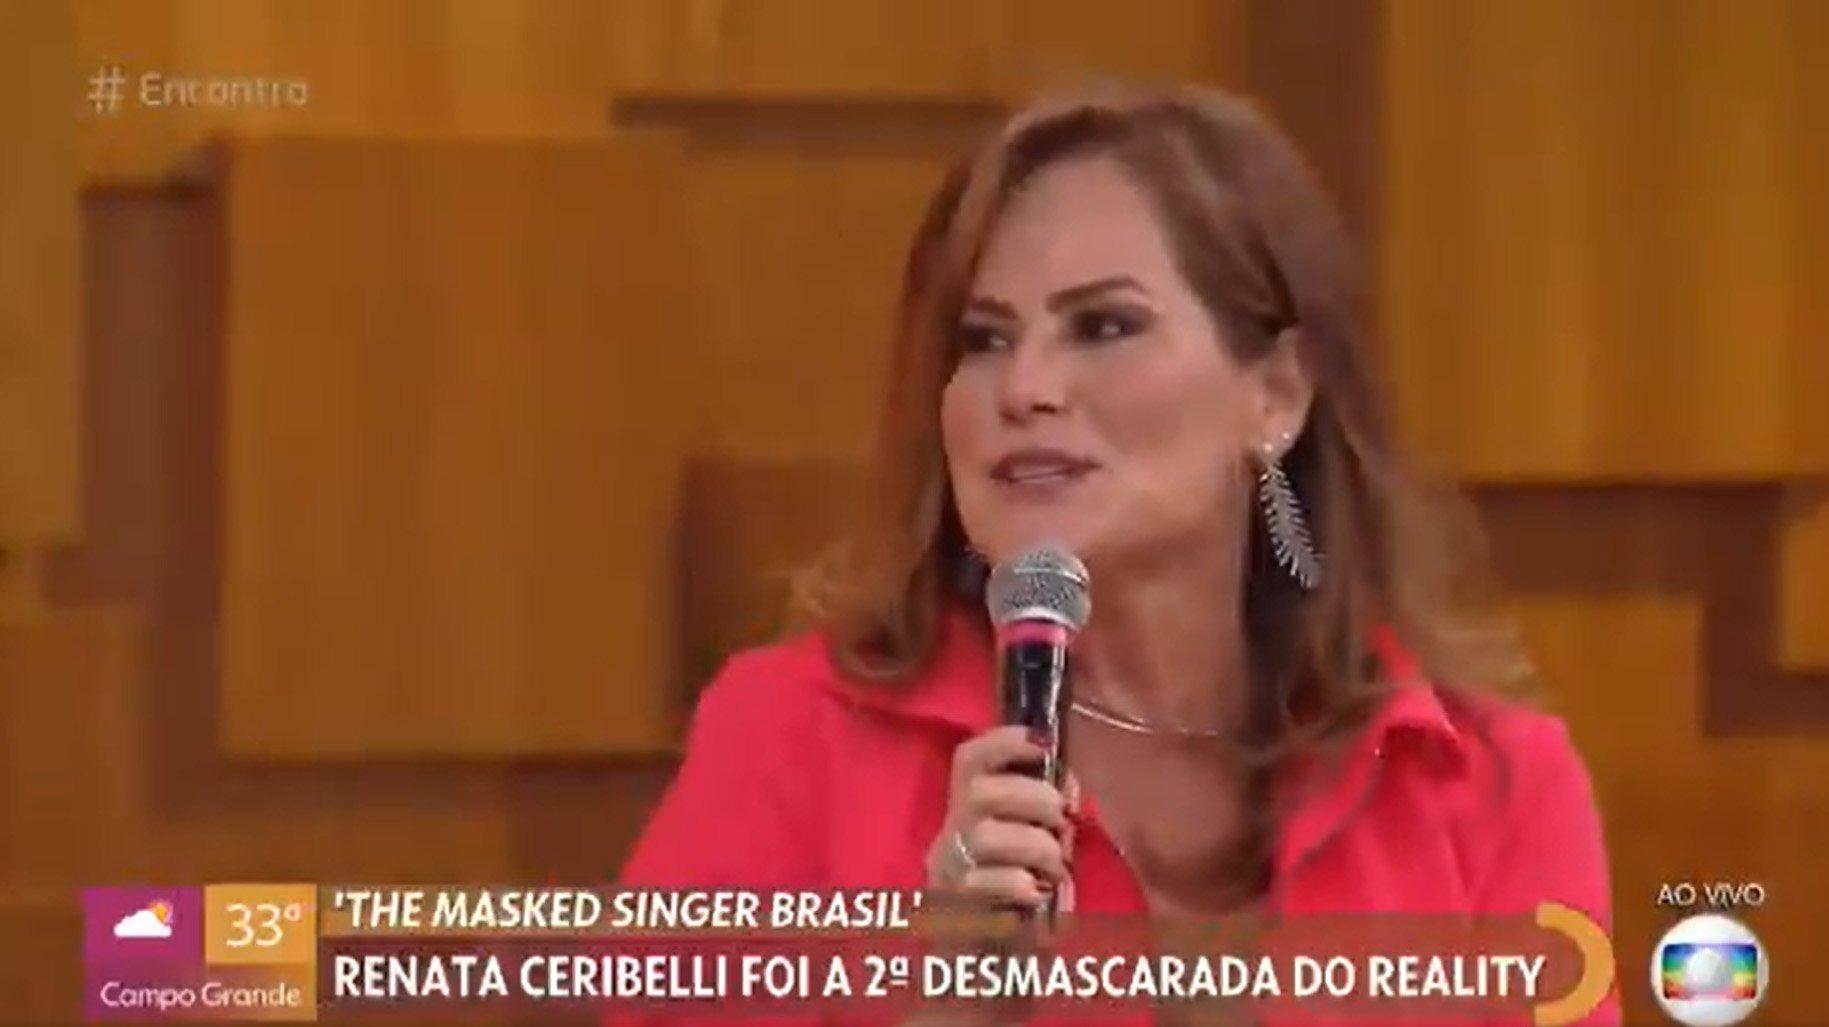 Renata Ceribelli com microfone na mão no Encontro